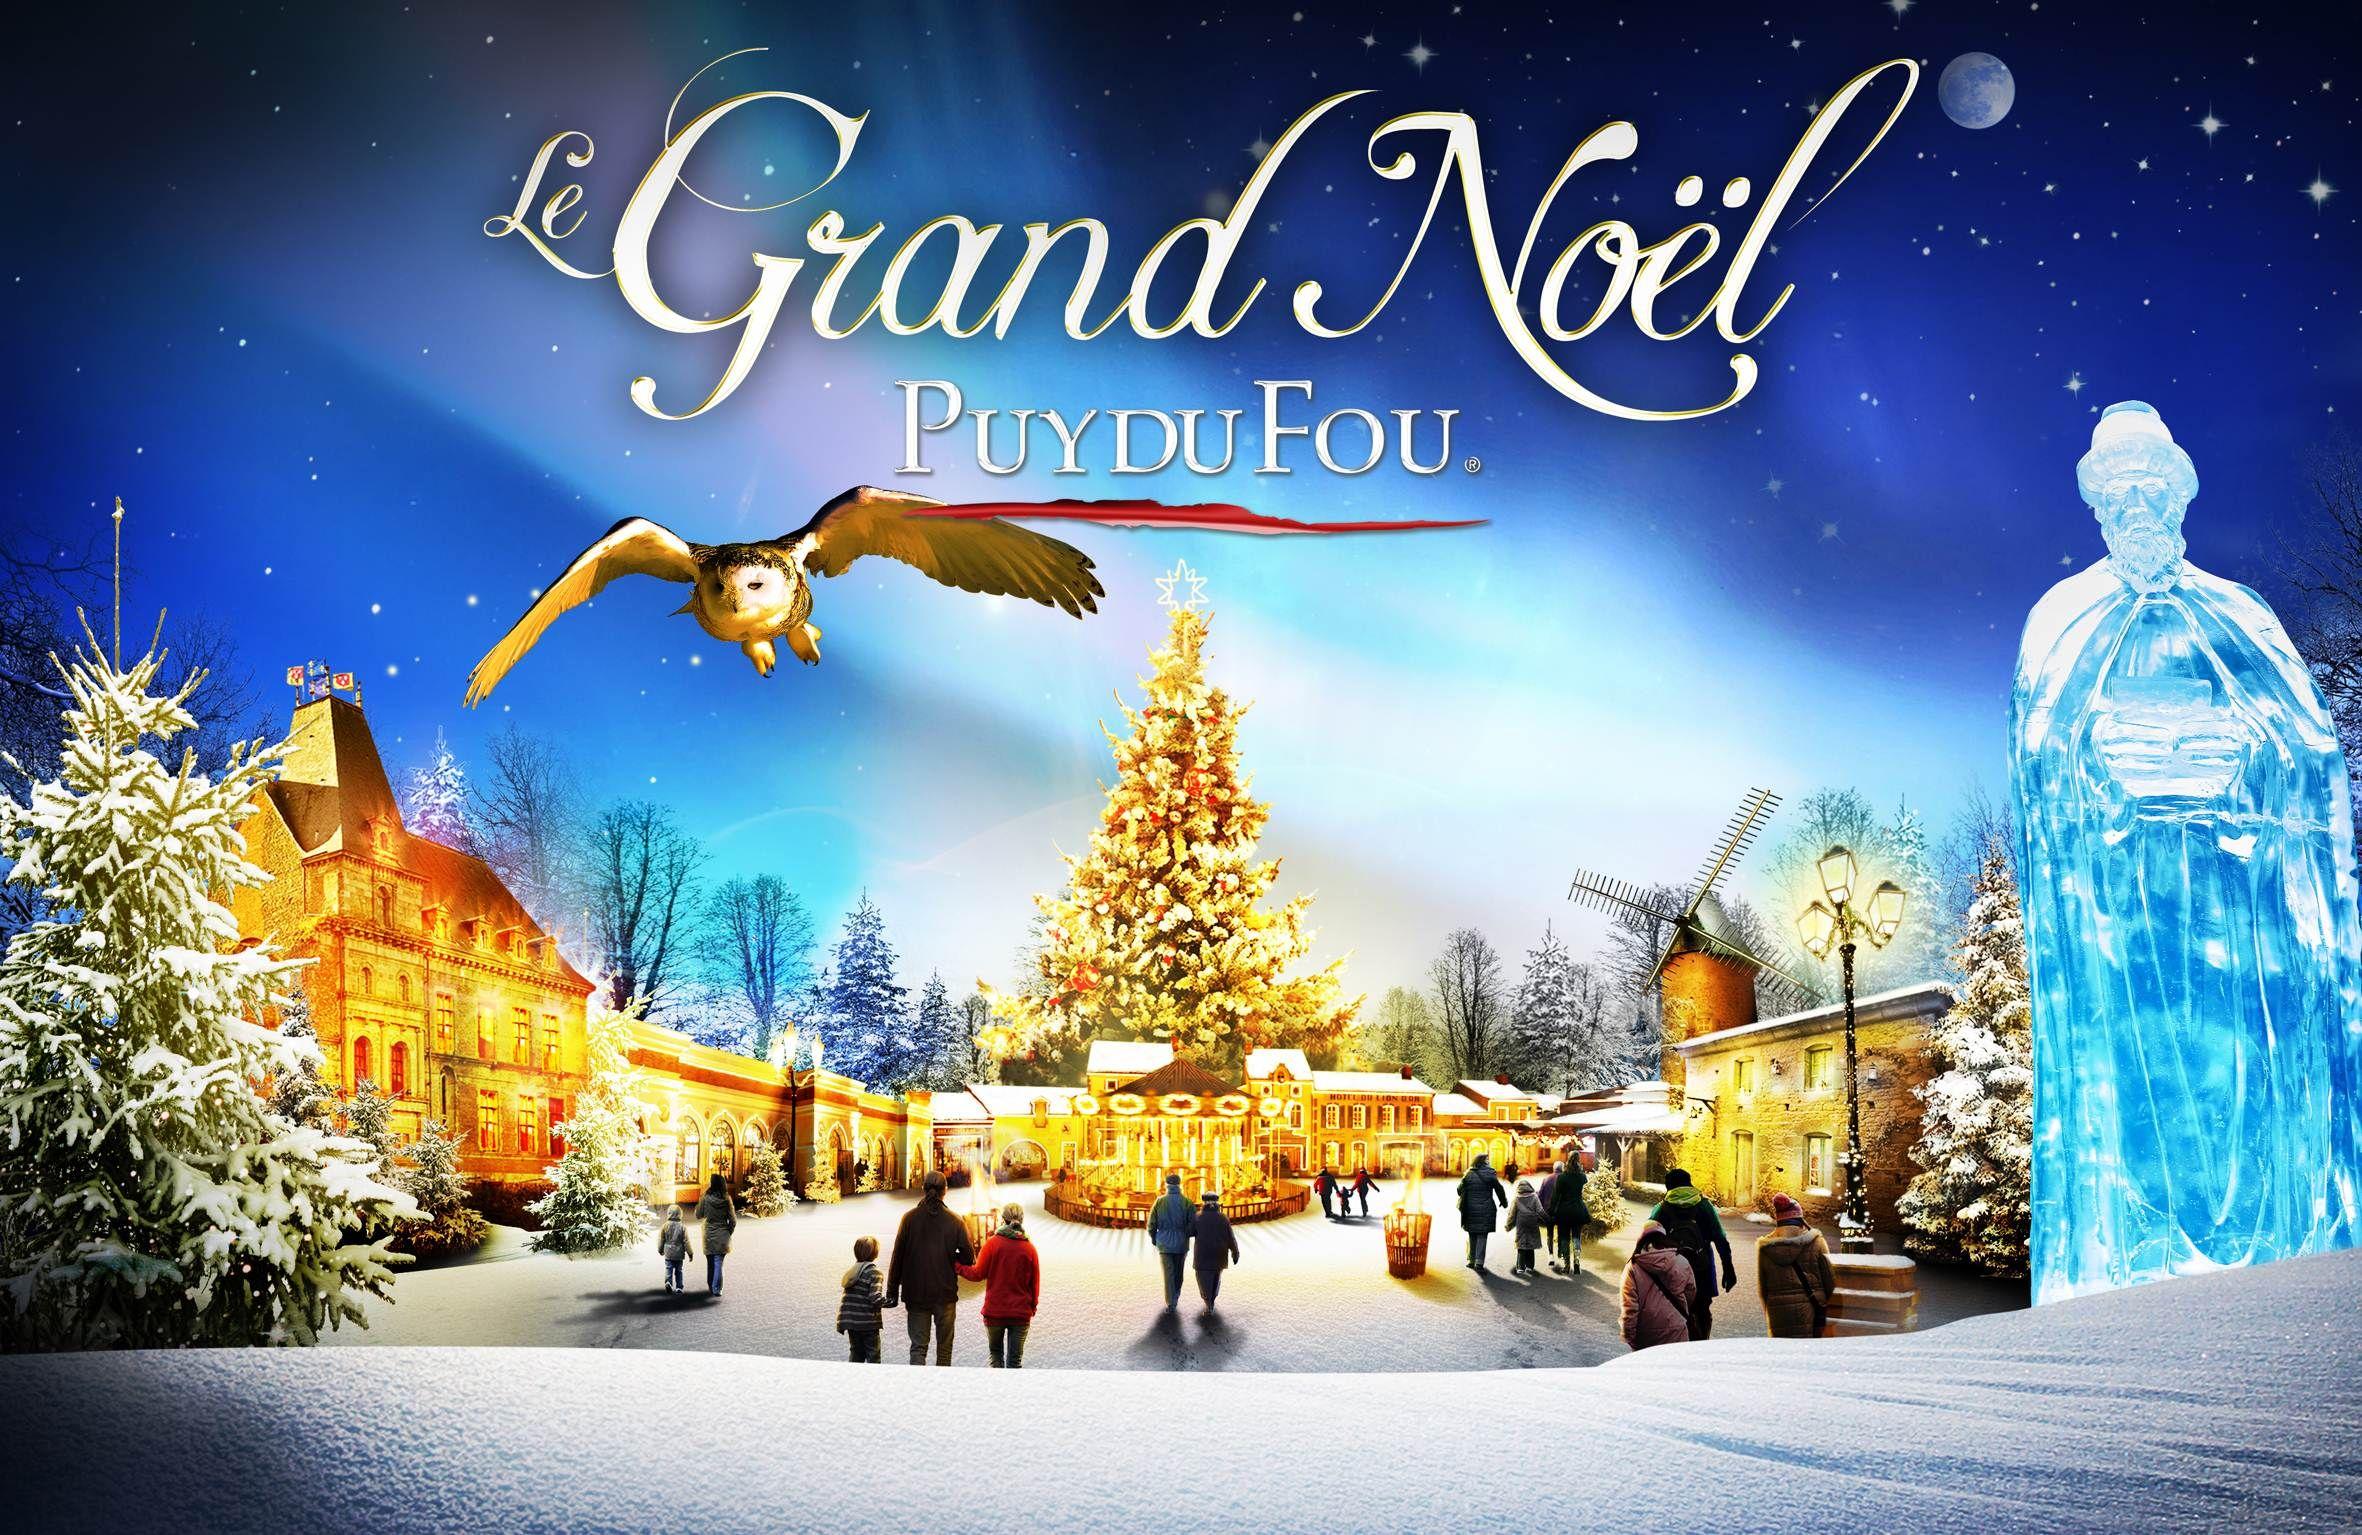 le grand noel du puy du fou Le Grand Noël démarque au Puy du Fou dès le 29 Novembre  le grand noel du puy du fou